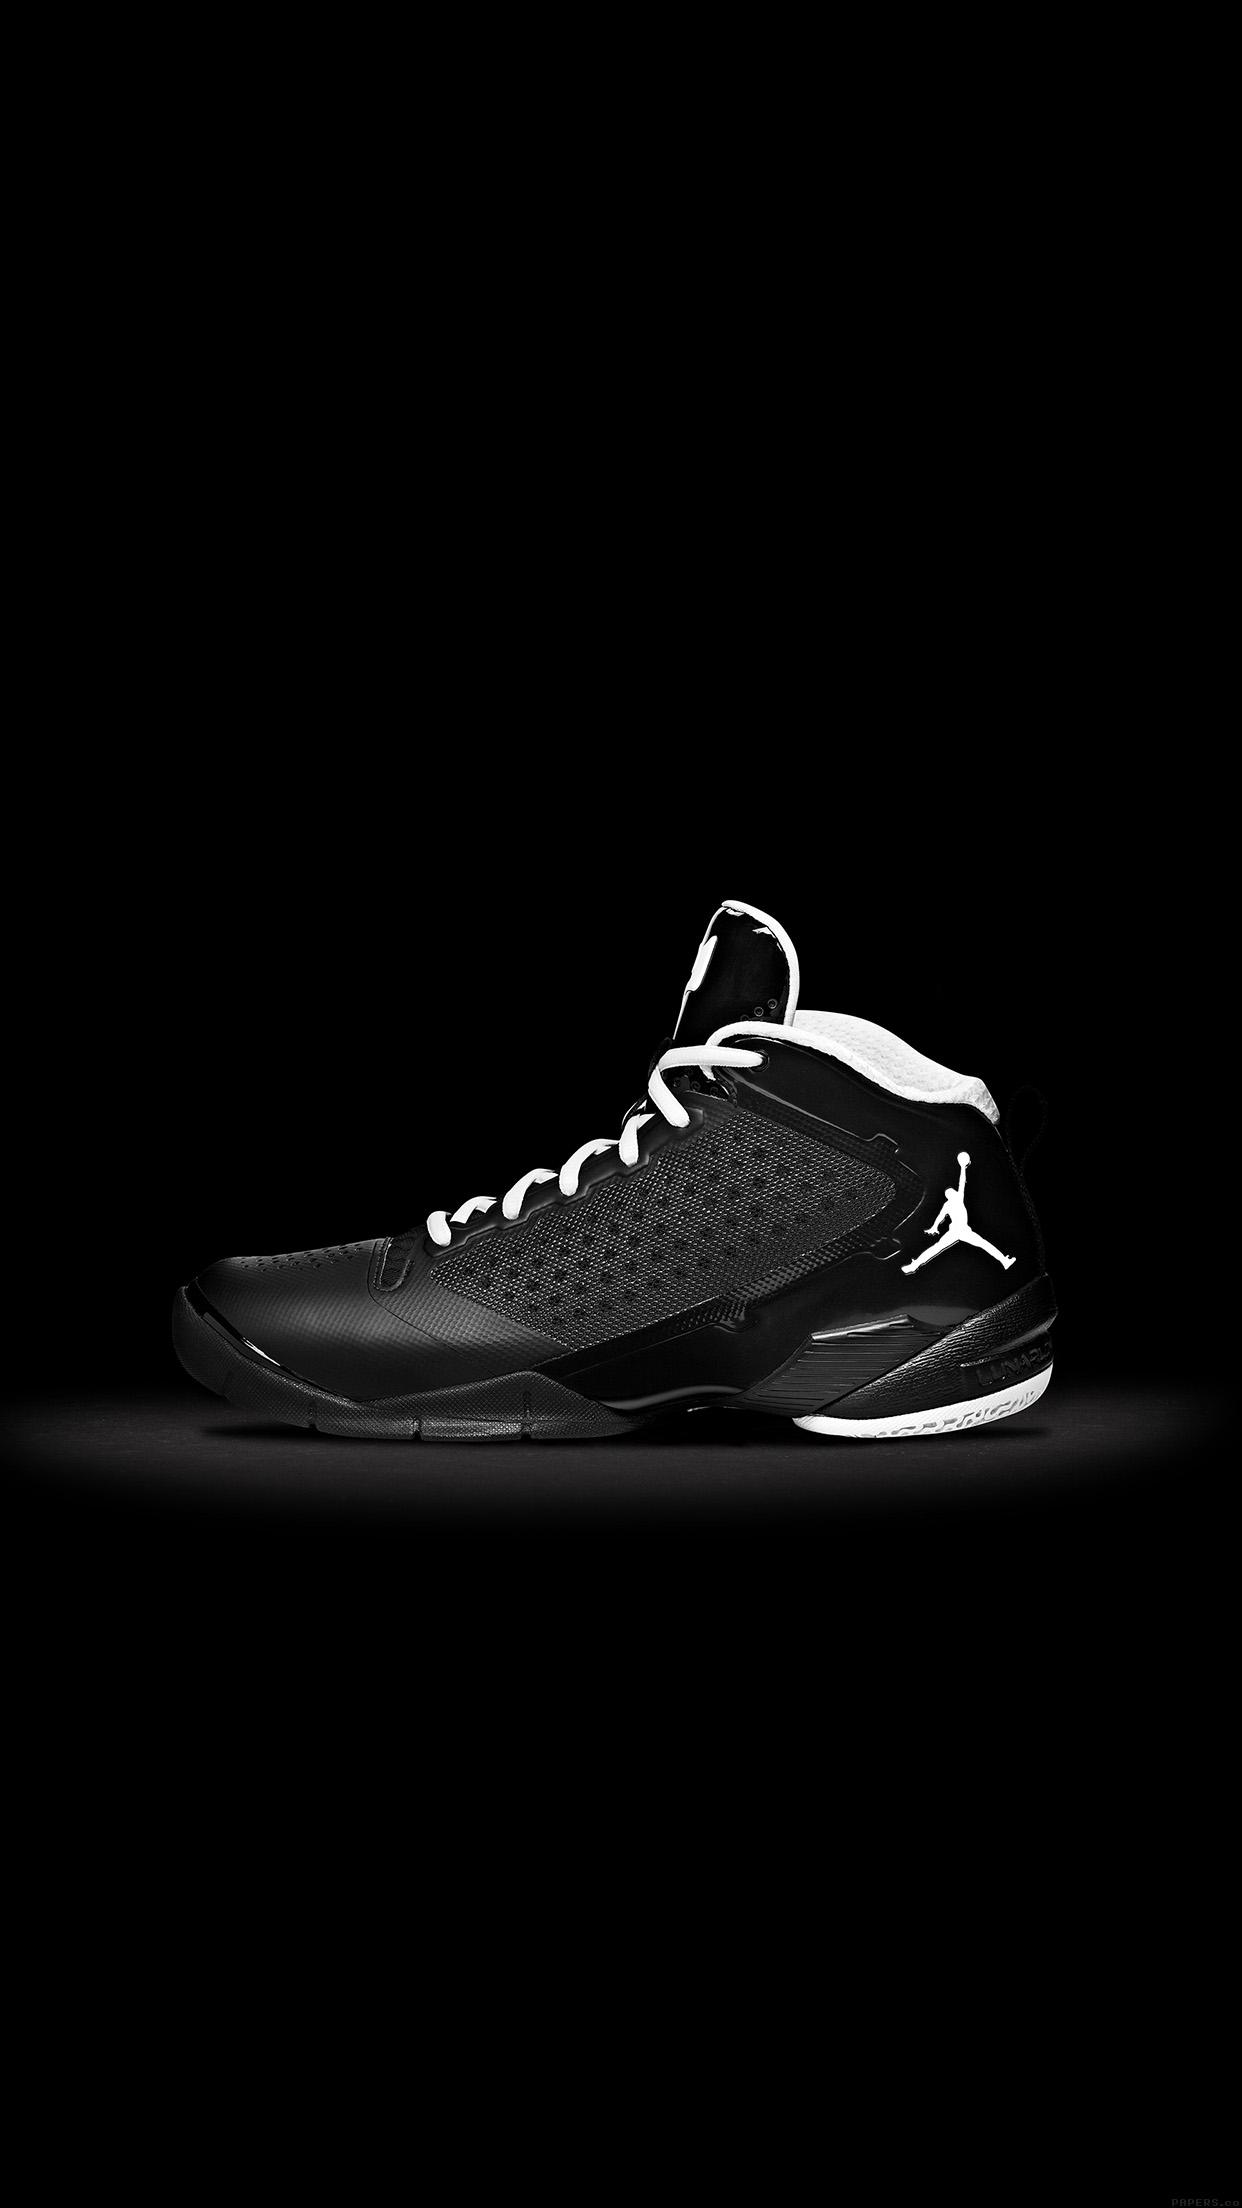 Iphone7papers Af73 Jordan Fly Wade Nike Shoe Art